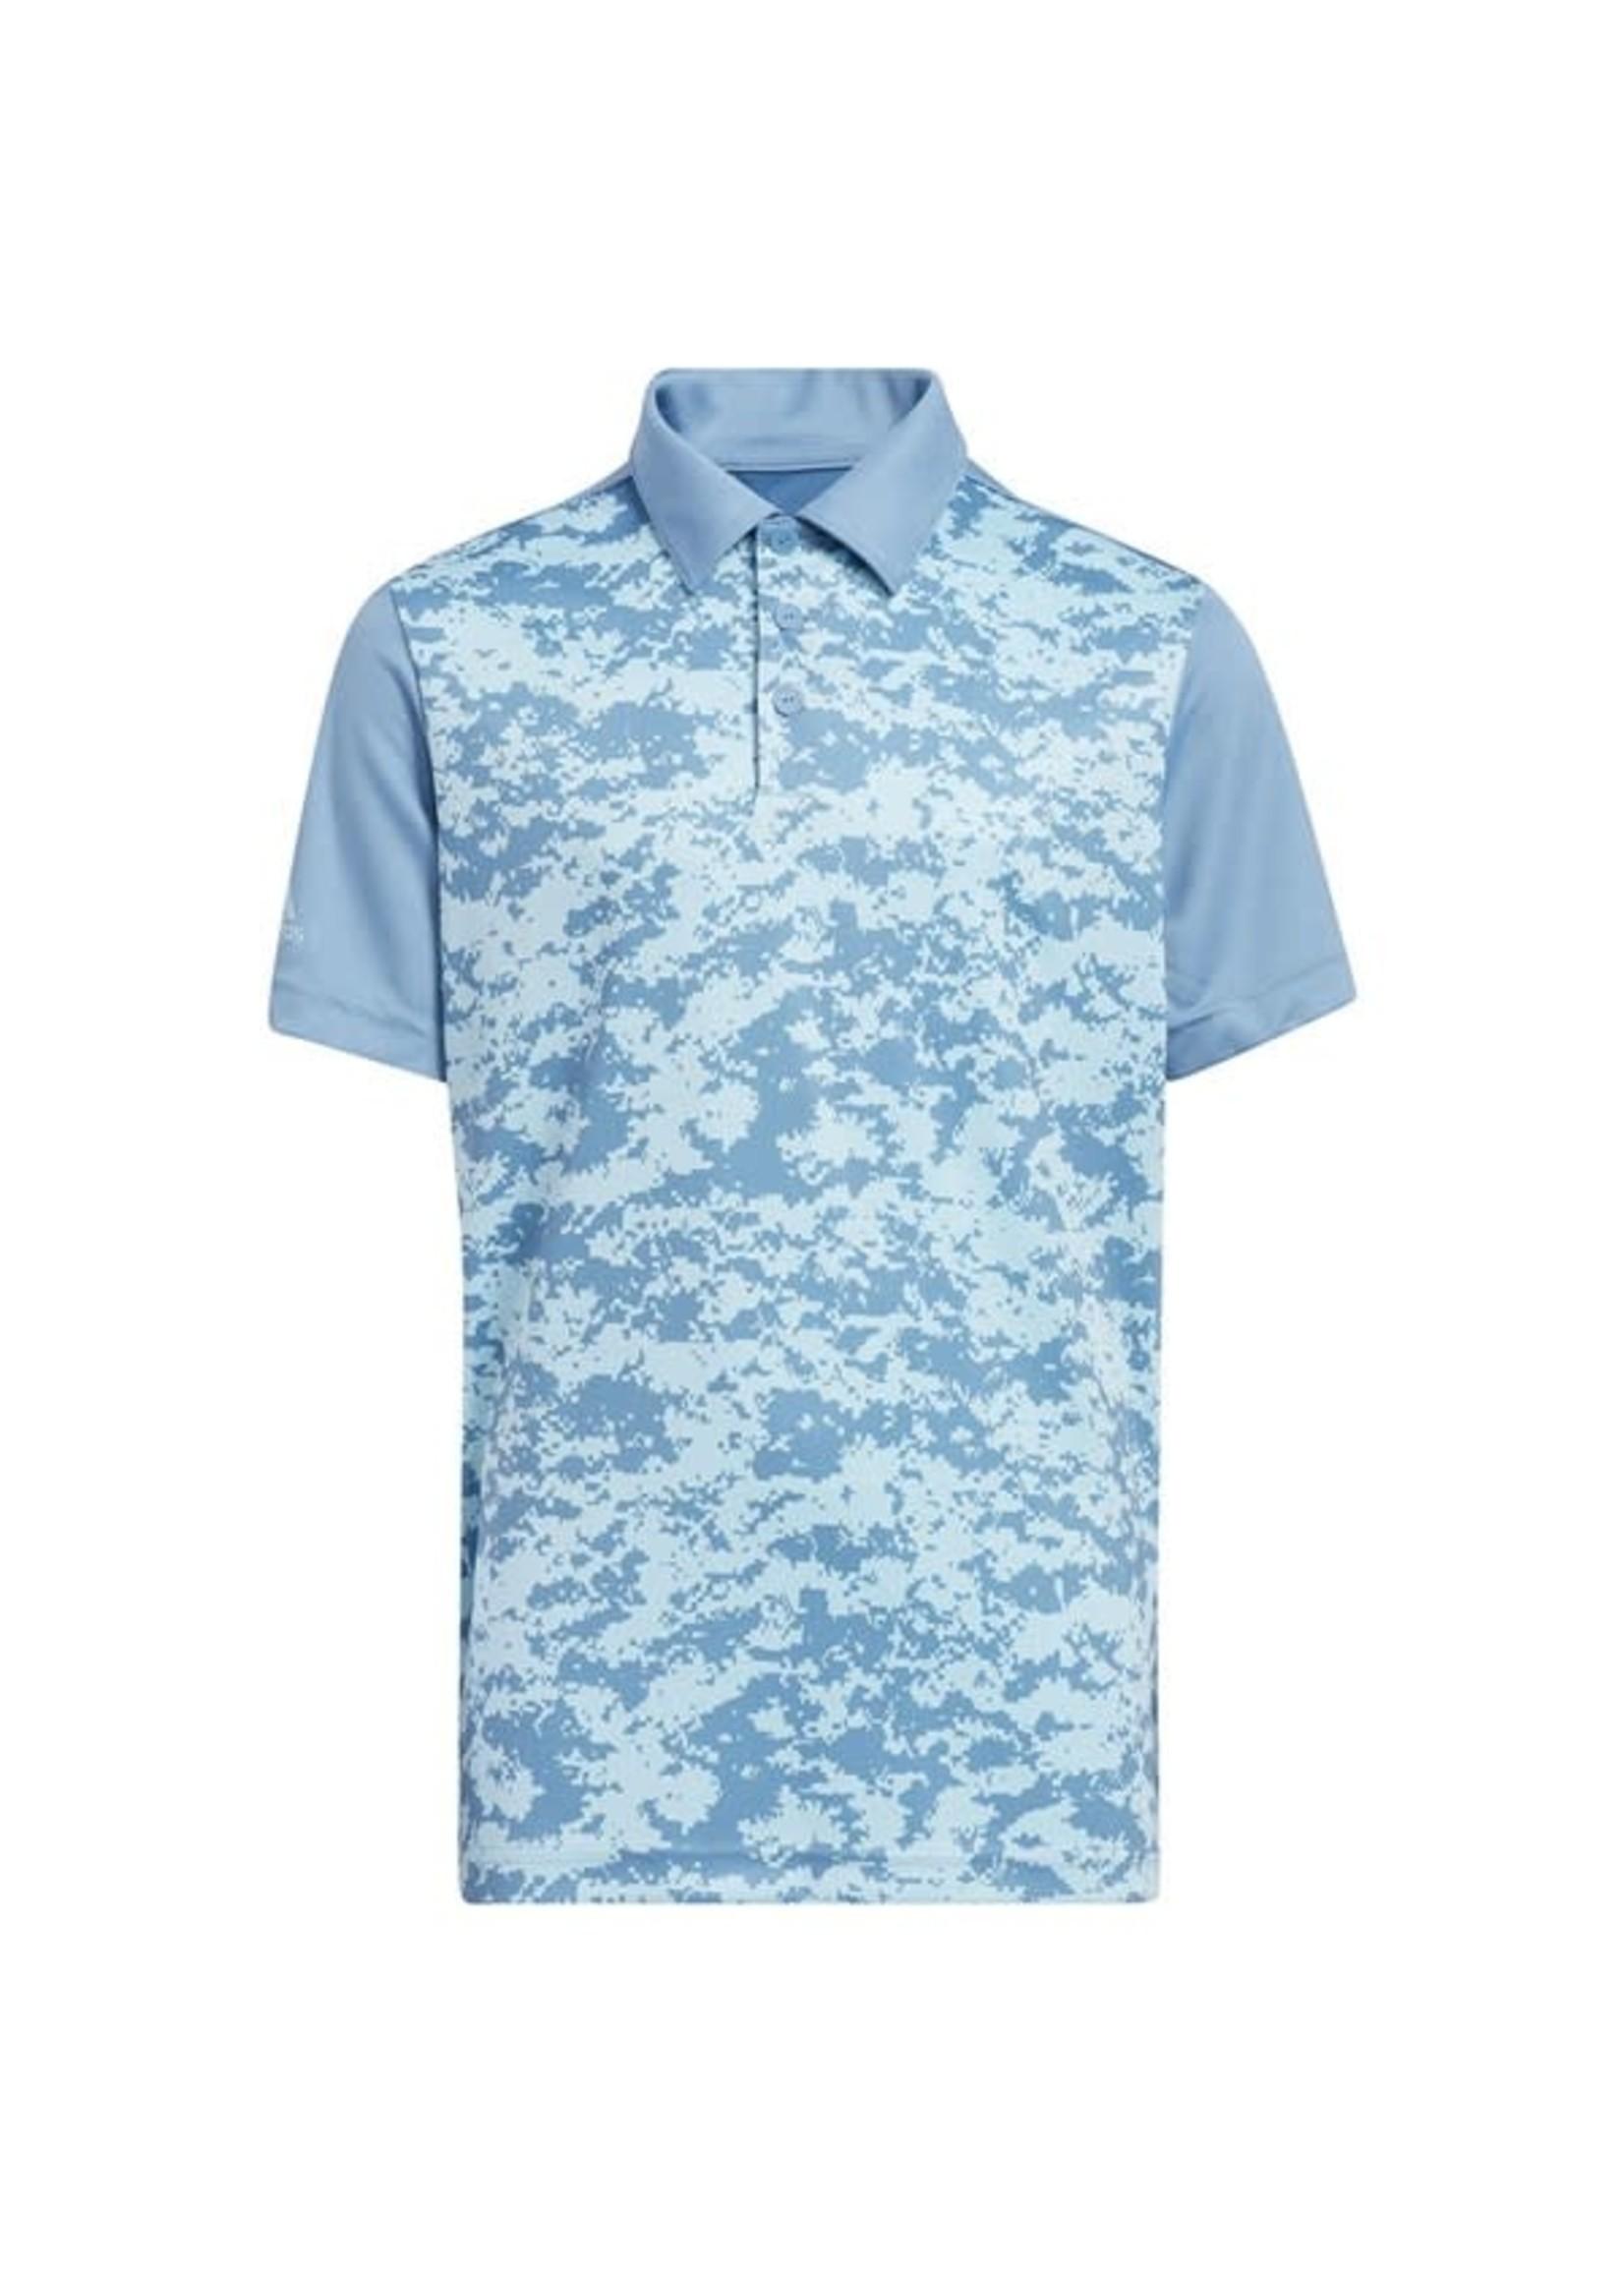 Adidas Adidas Junior Digital Camo Polo Shirt, Hazy Blue